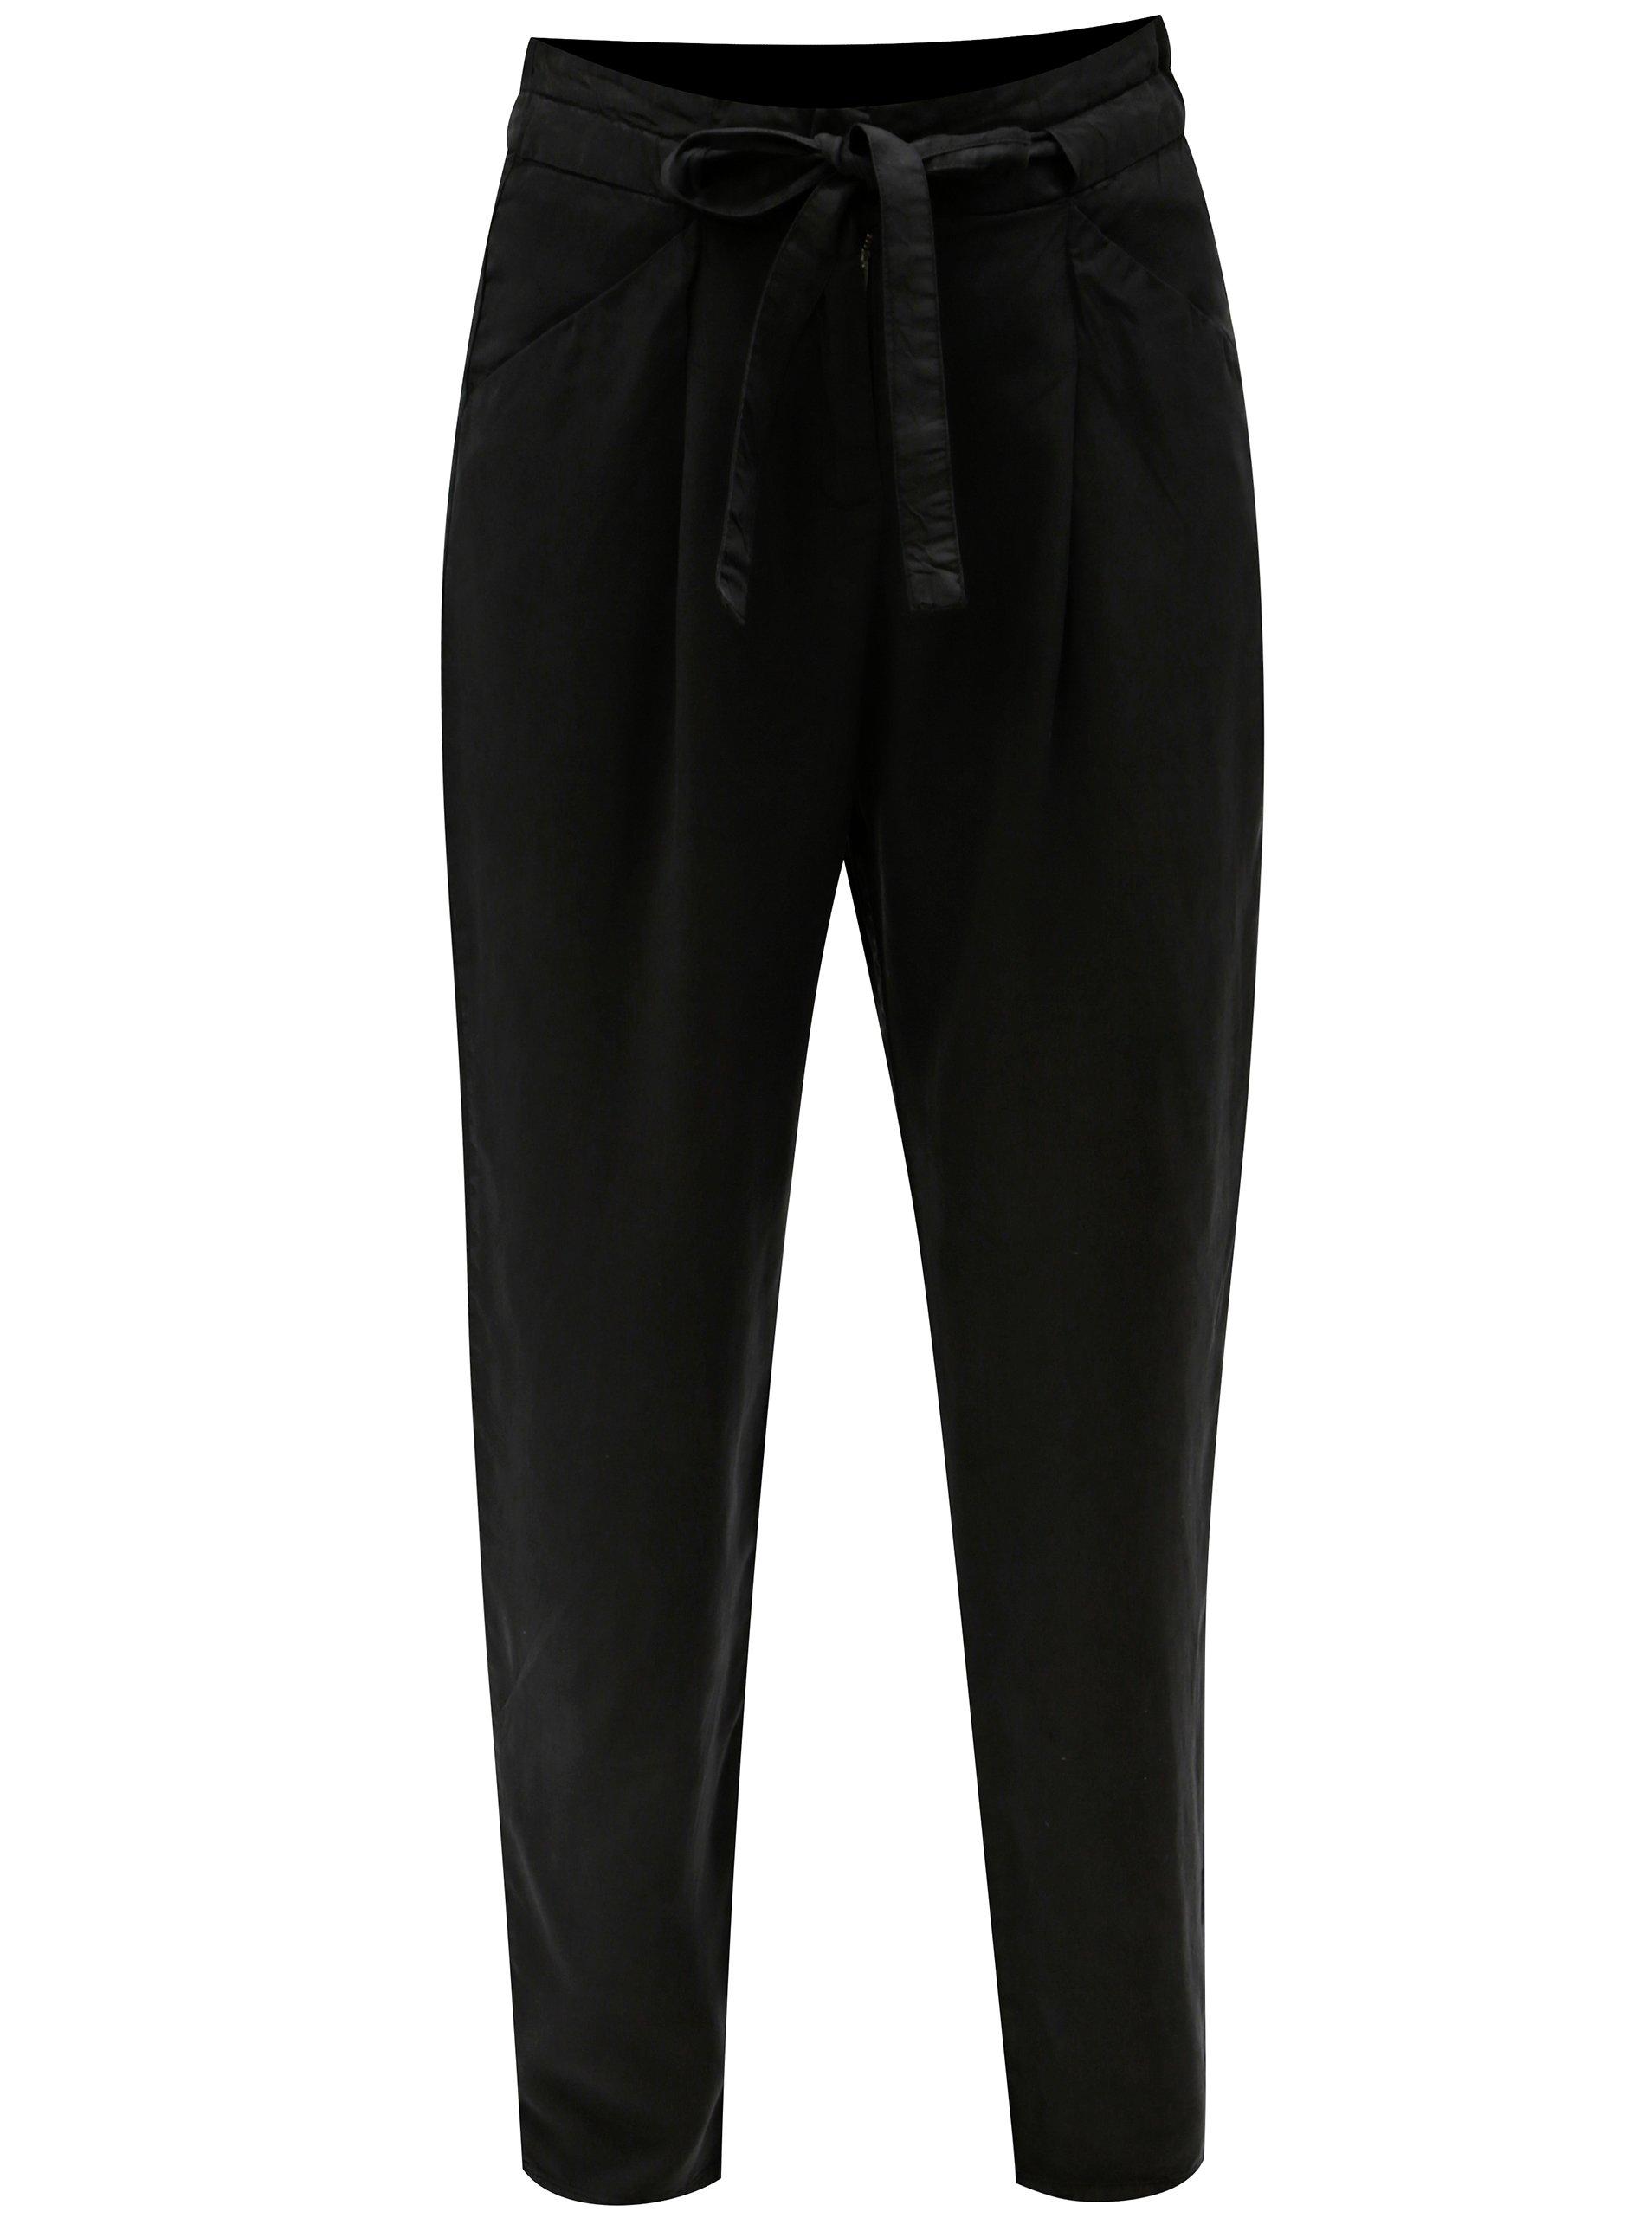 Černé volné kalhoty se zavazováním VERO MODA Breeze - Glami.cz c60c7c69ae